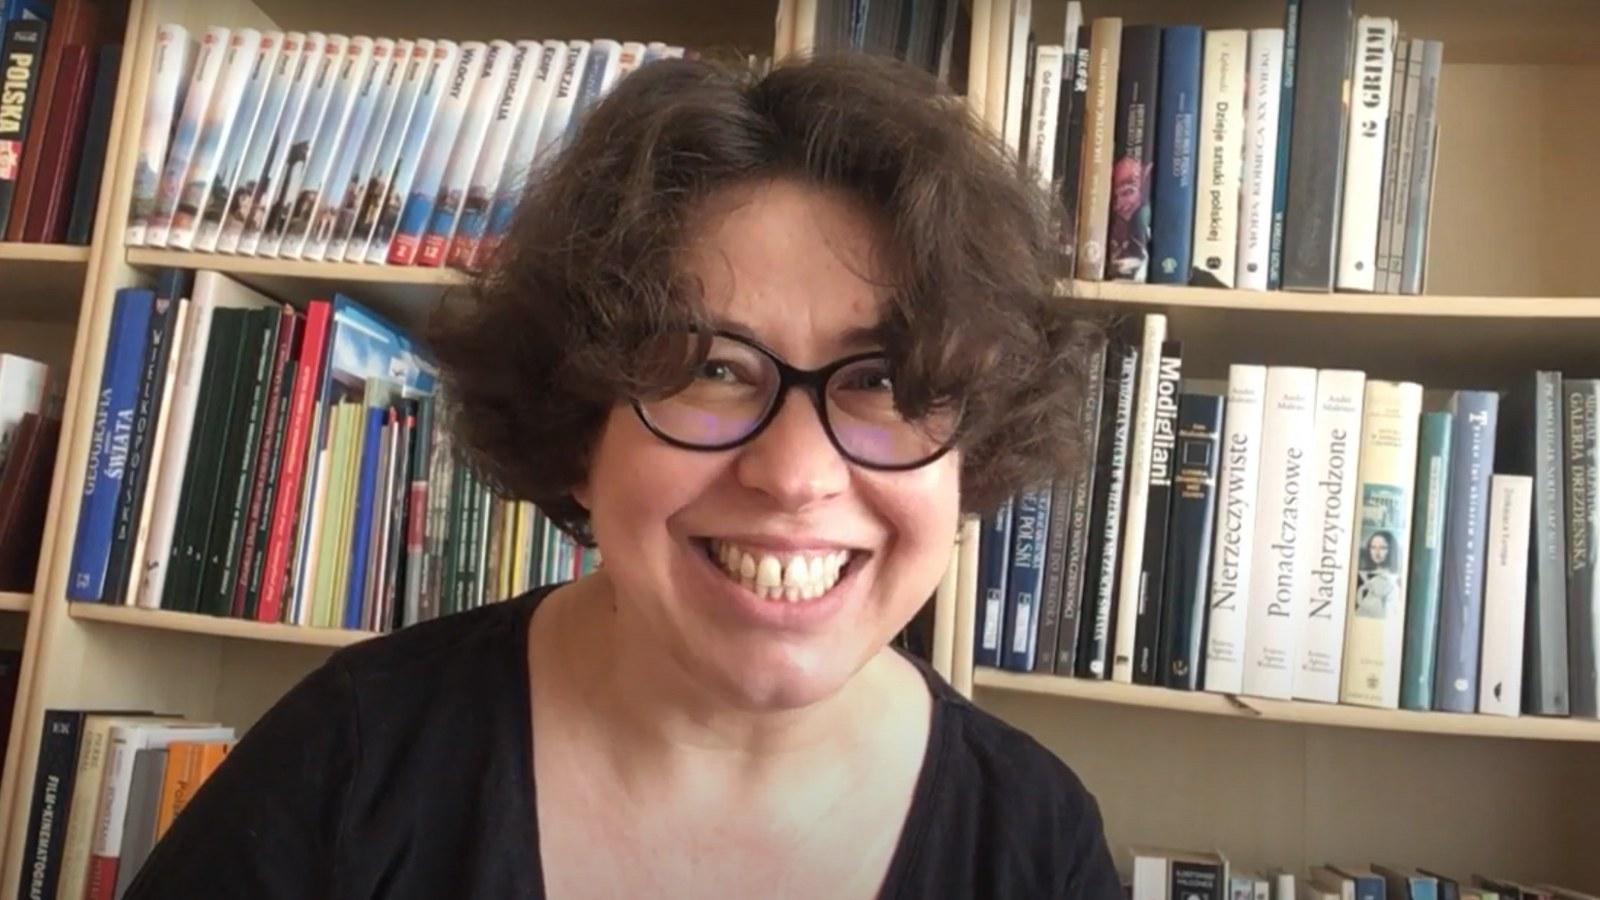 na zdjęciu uśmiechnięta bibliotekarka w okularach siedząca na tle regału z książkami